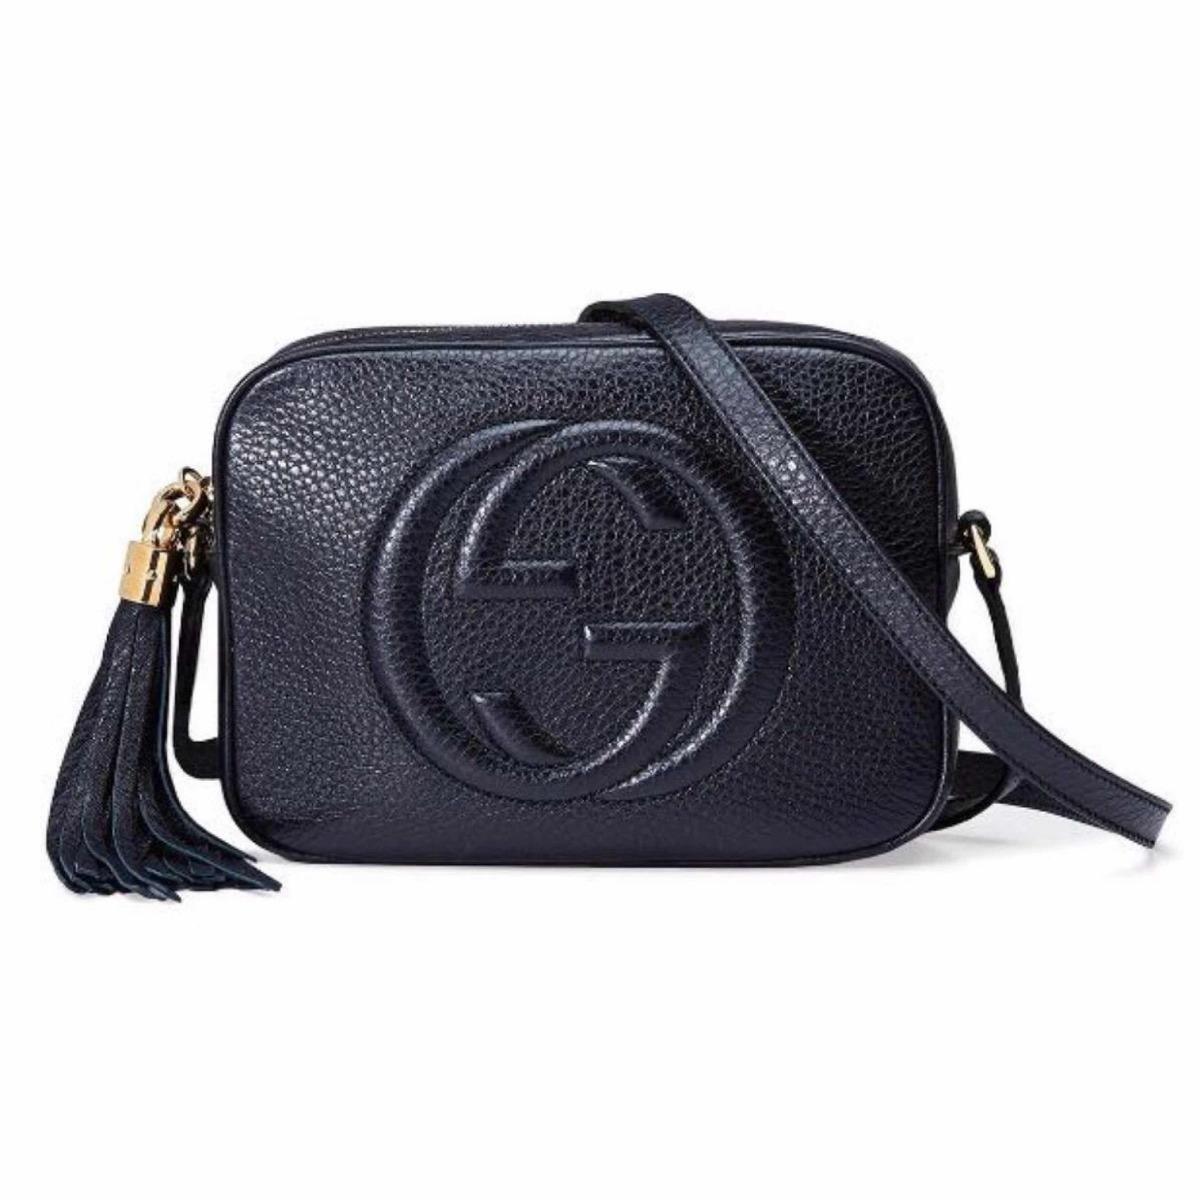 c92ec757a bolsa gucci soho bag 100% couro feita na itália original. Carregando zoom.